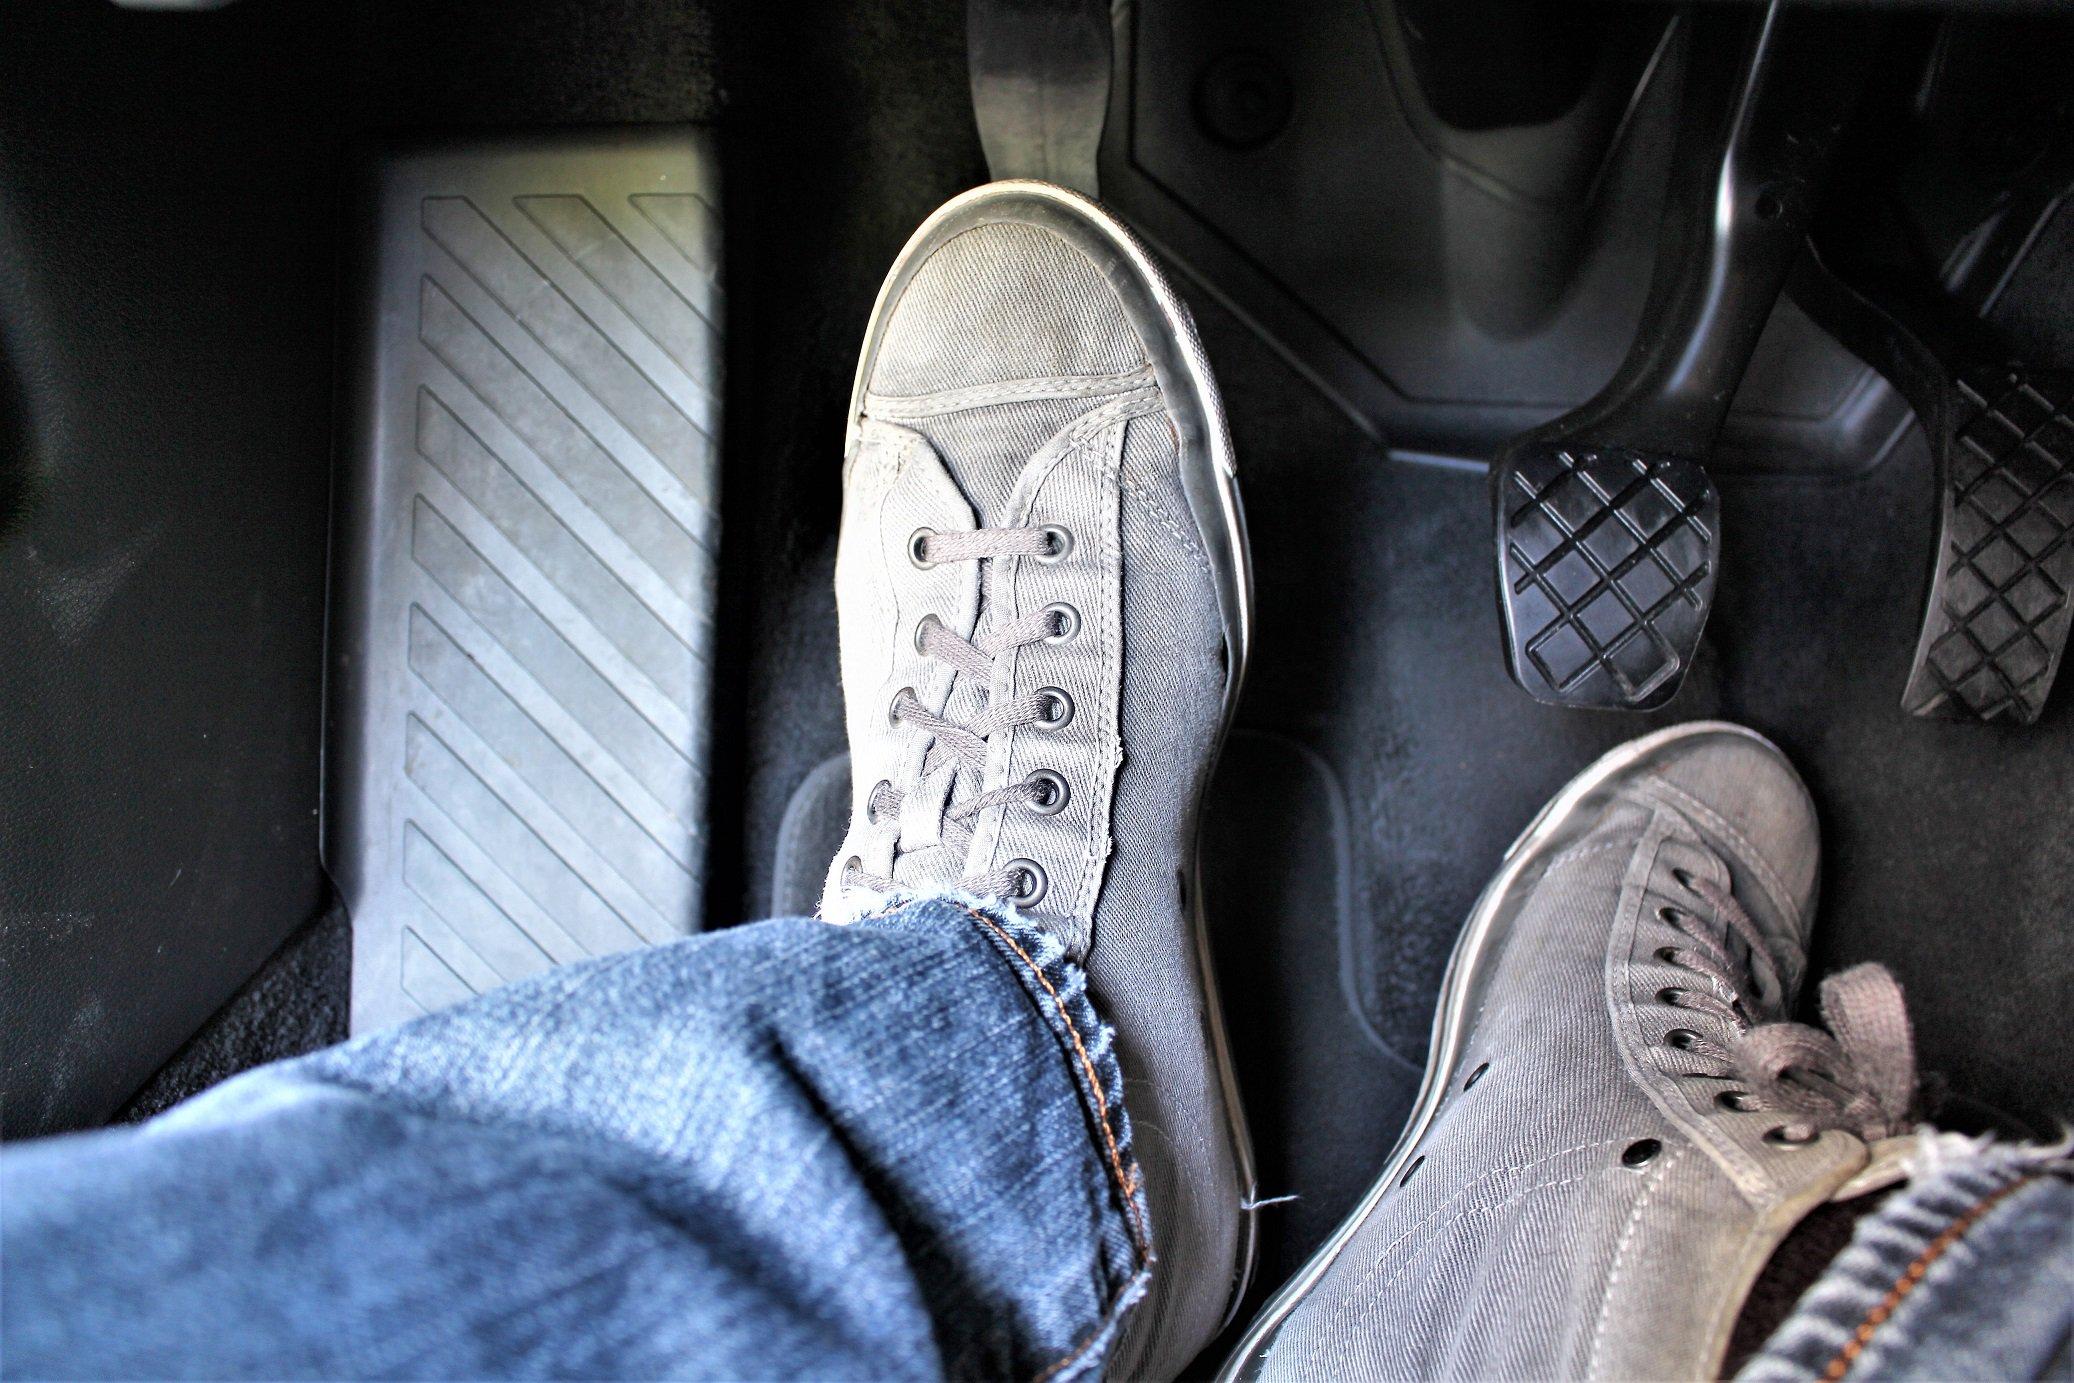 Pisar na embreagem com o carro parado é um dos hábitos mais comuns dos motoristas. Foto: AutoPapo